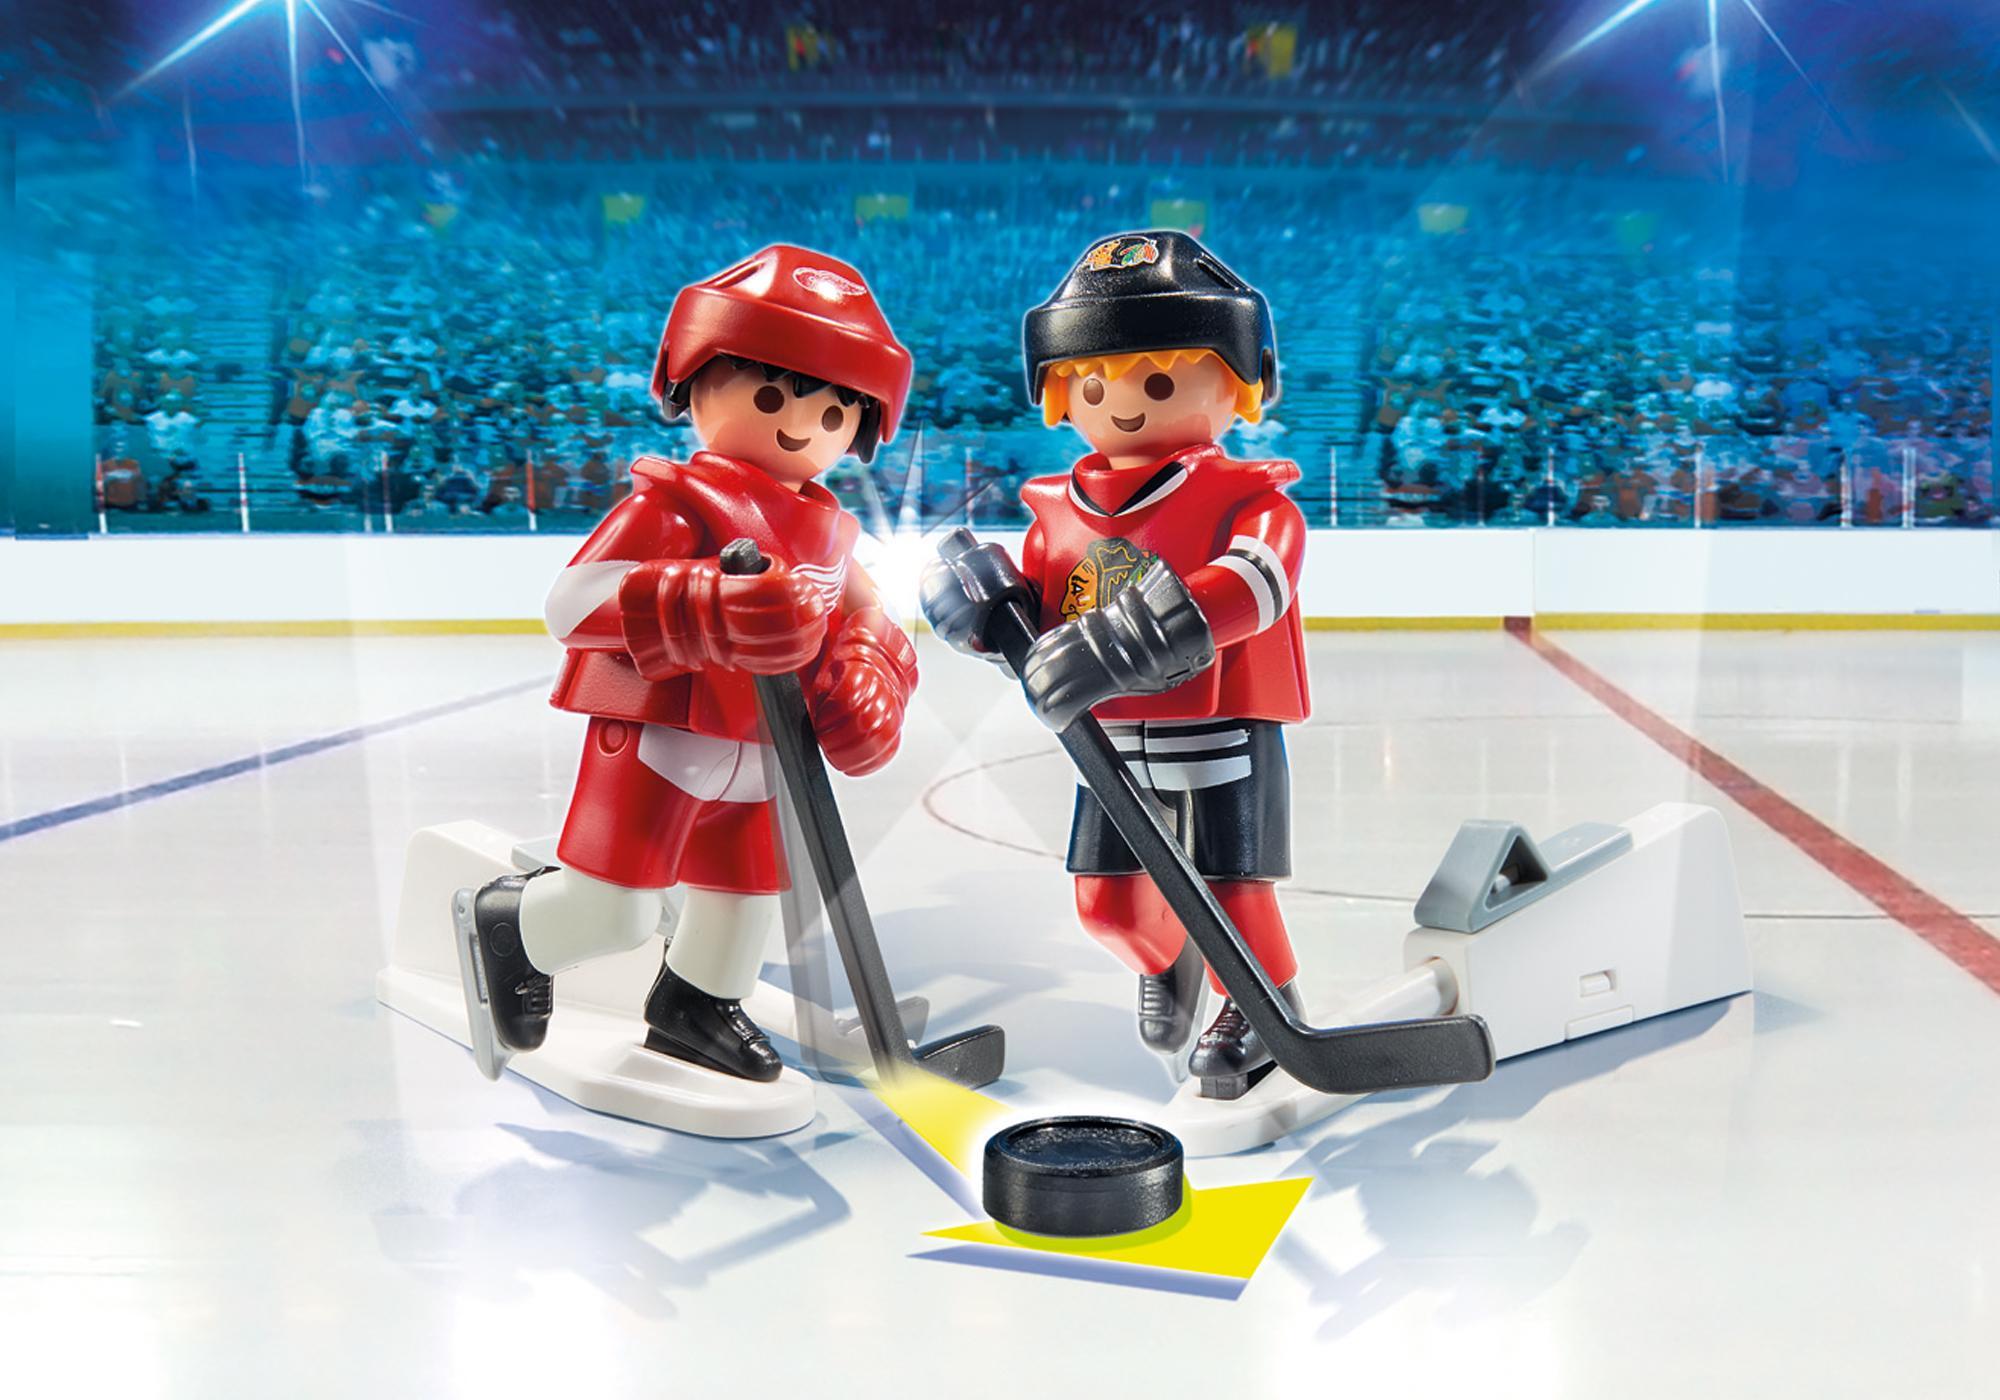 http://media.playmobil.com/i/playmobil/9014_product_detail/NHL™ Blister Detroit Red Wings™ vs Chicago Blackhawks™